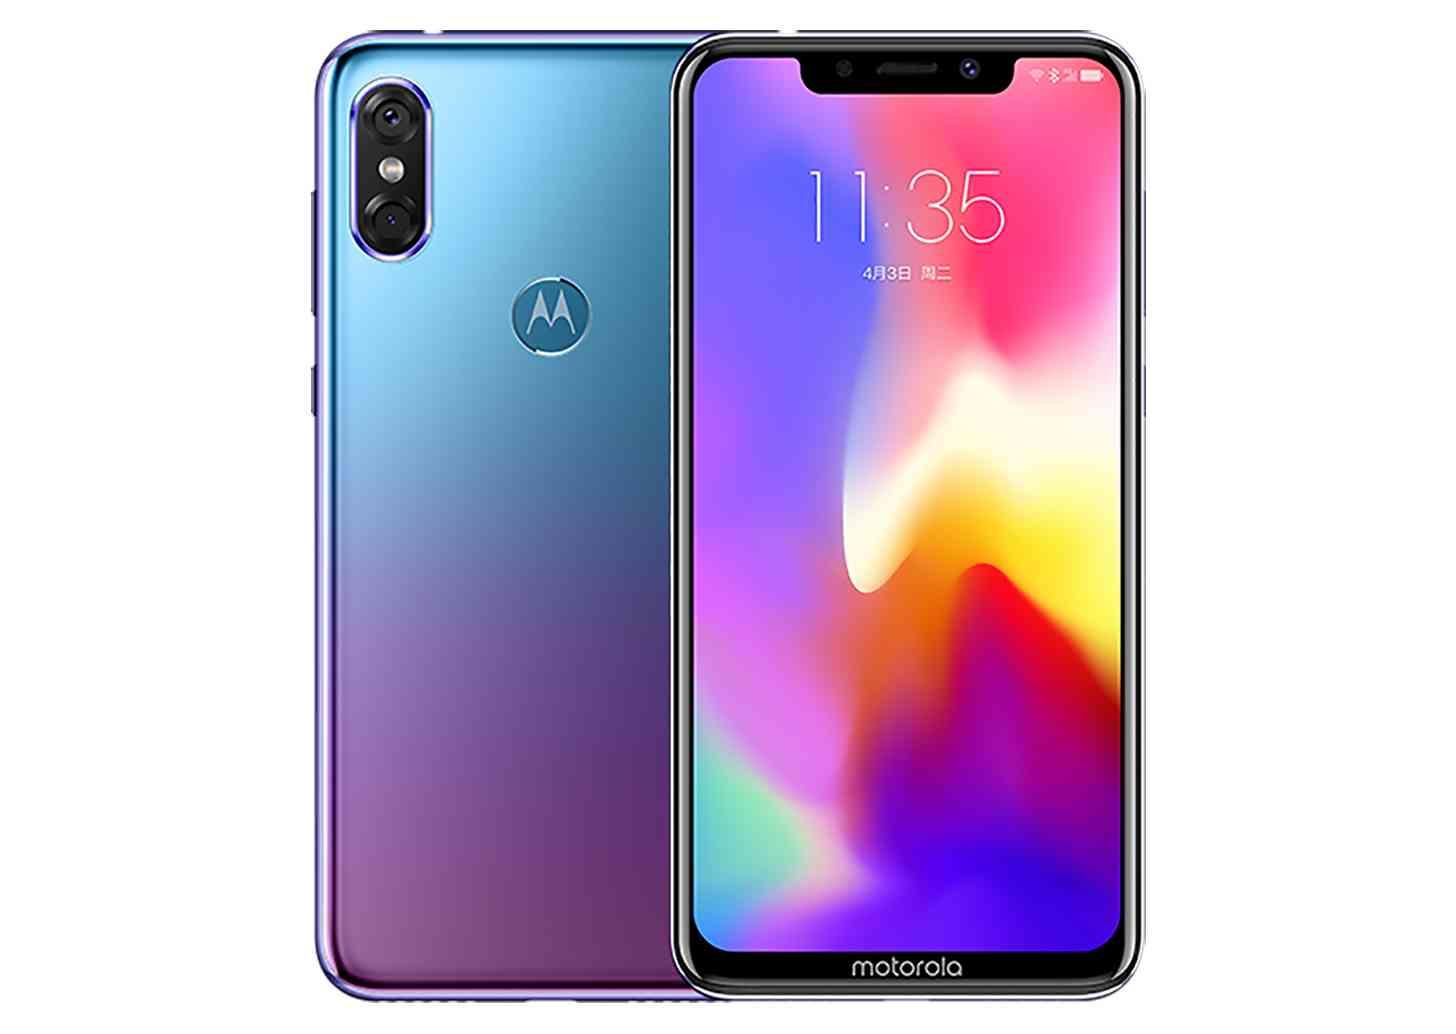 Motorola P30 official aurora